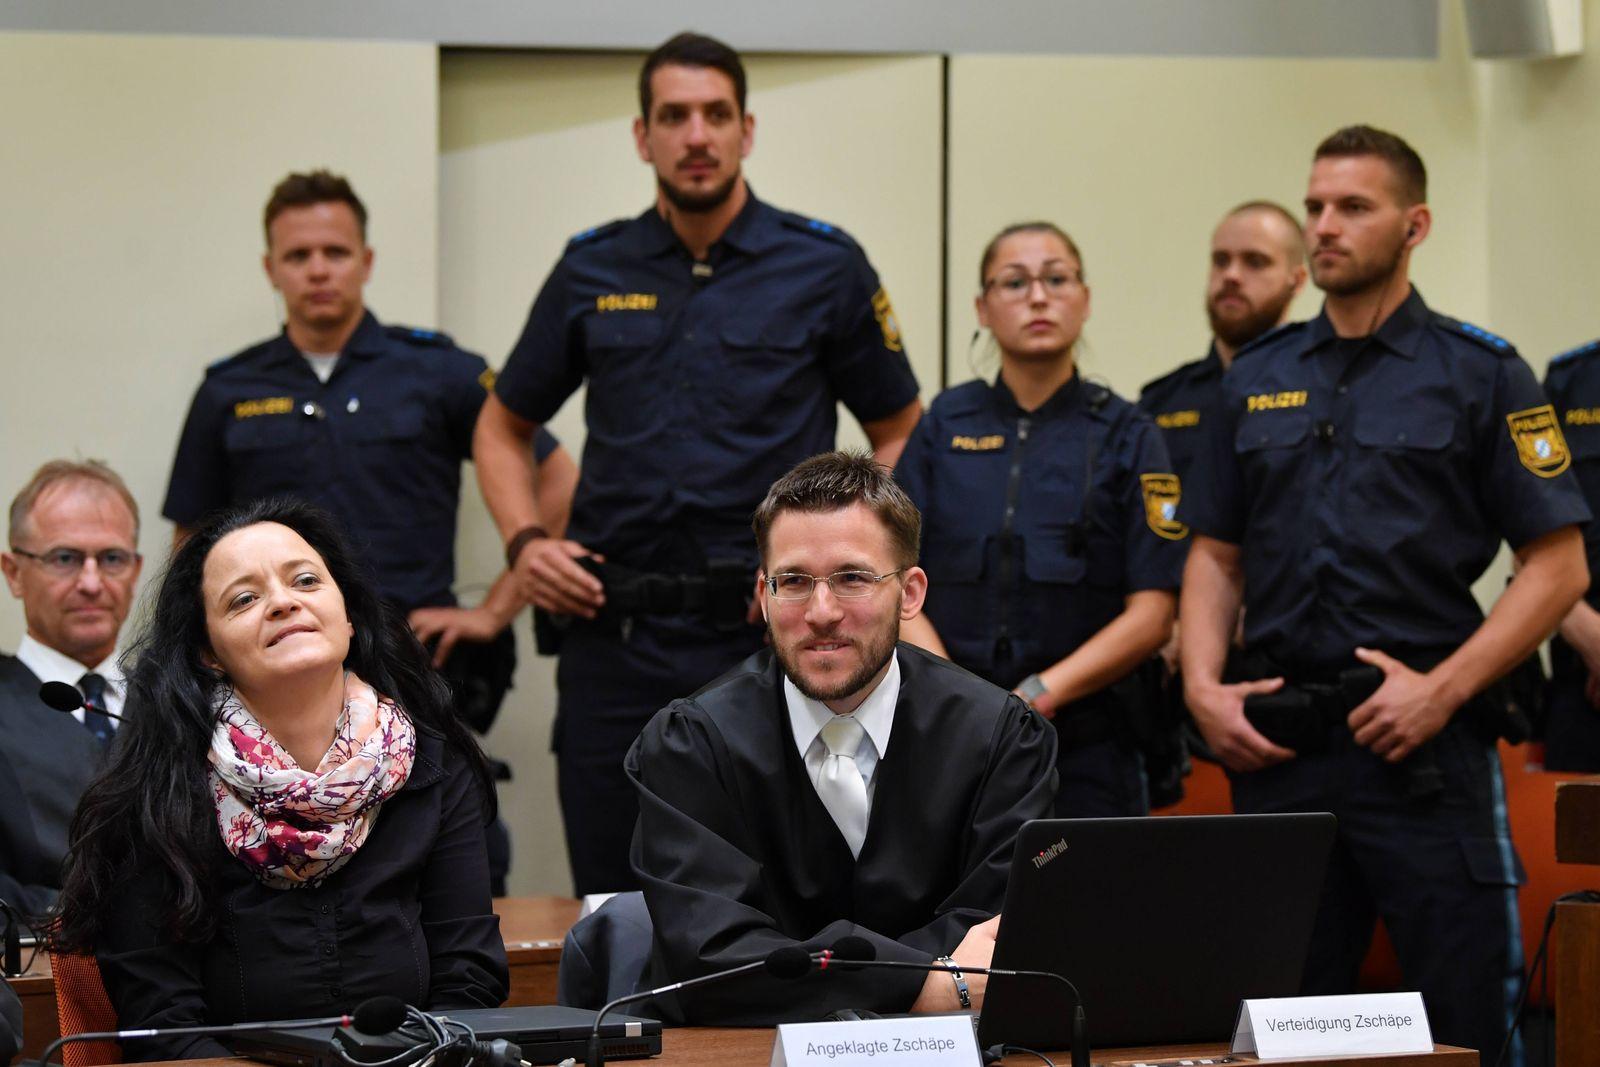 428 Verhandlungstag im NSU Prozess Die Angeklagte Beate Zschaepe unterhaelt sich mit ihrem Anwalt M